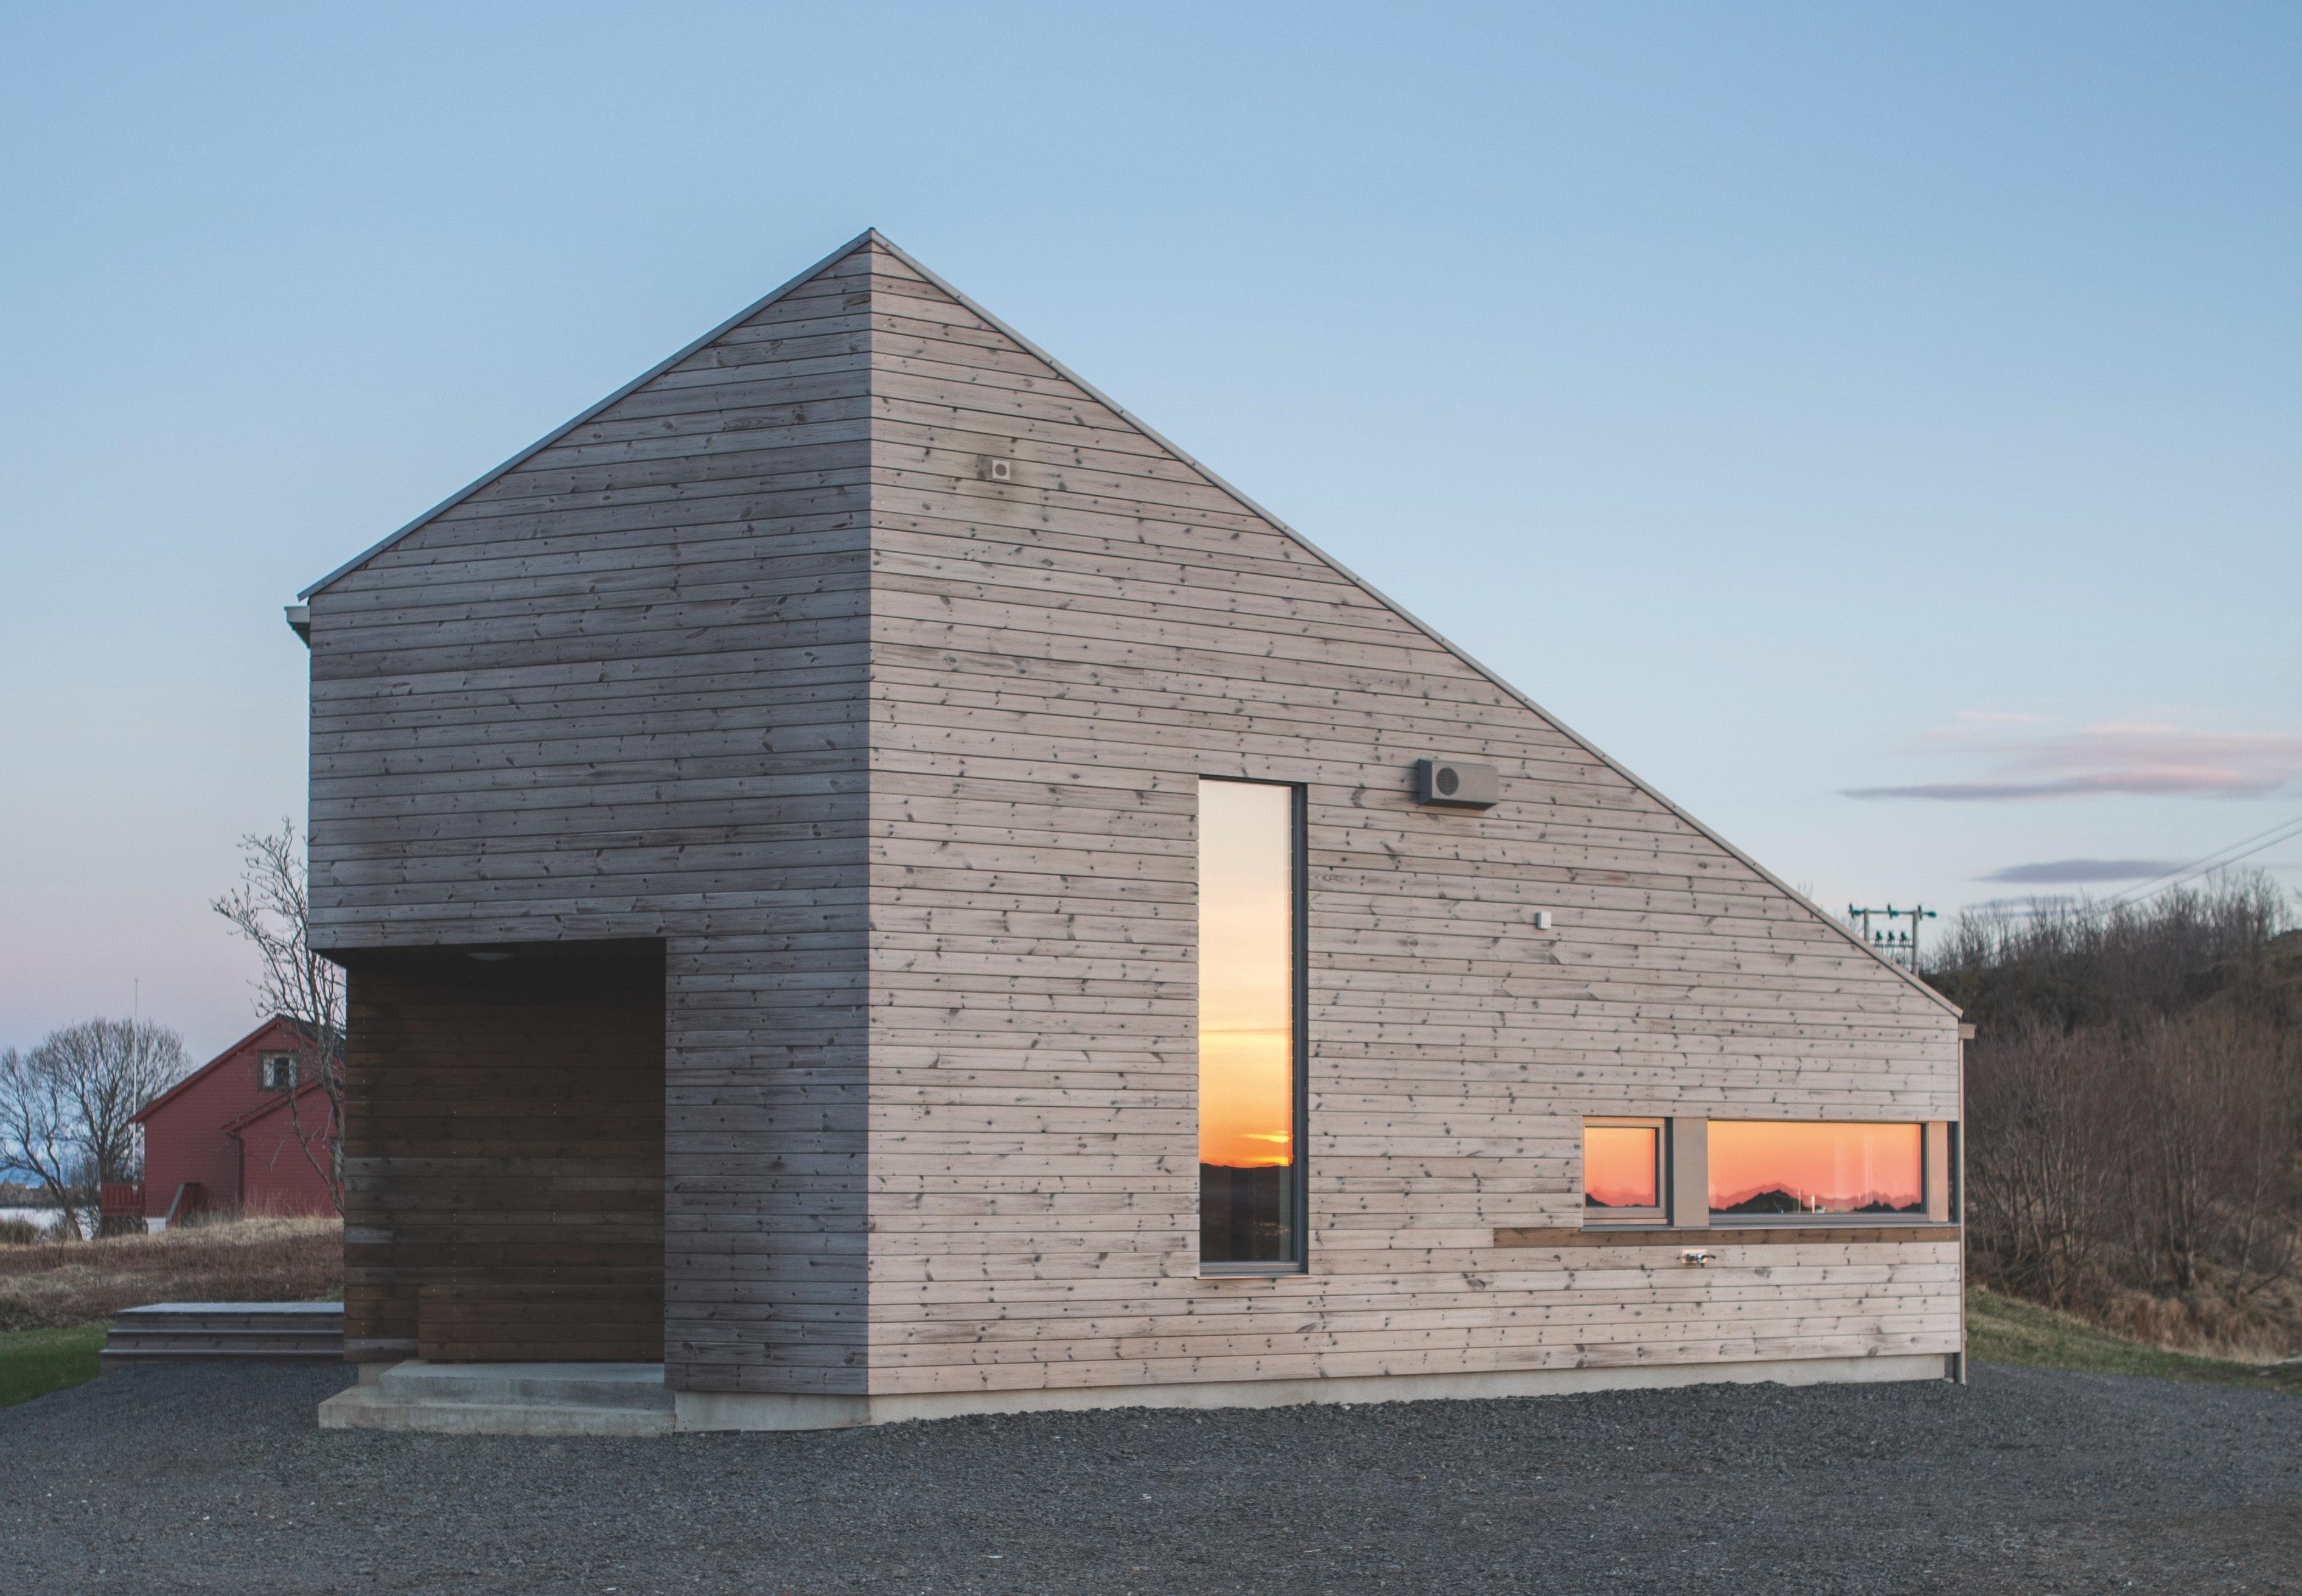 Feriehus i norge i et med naturen